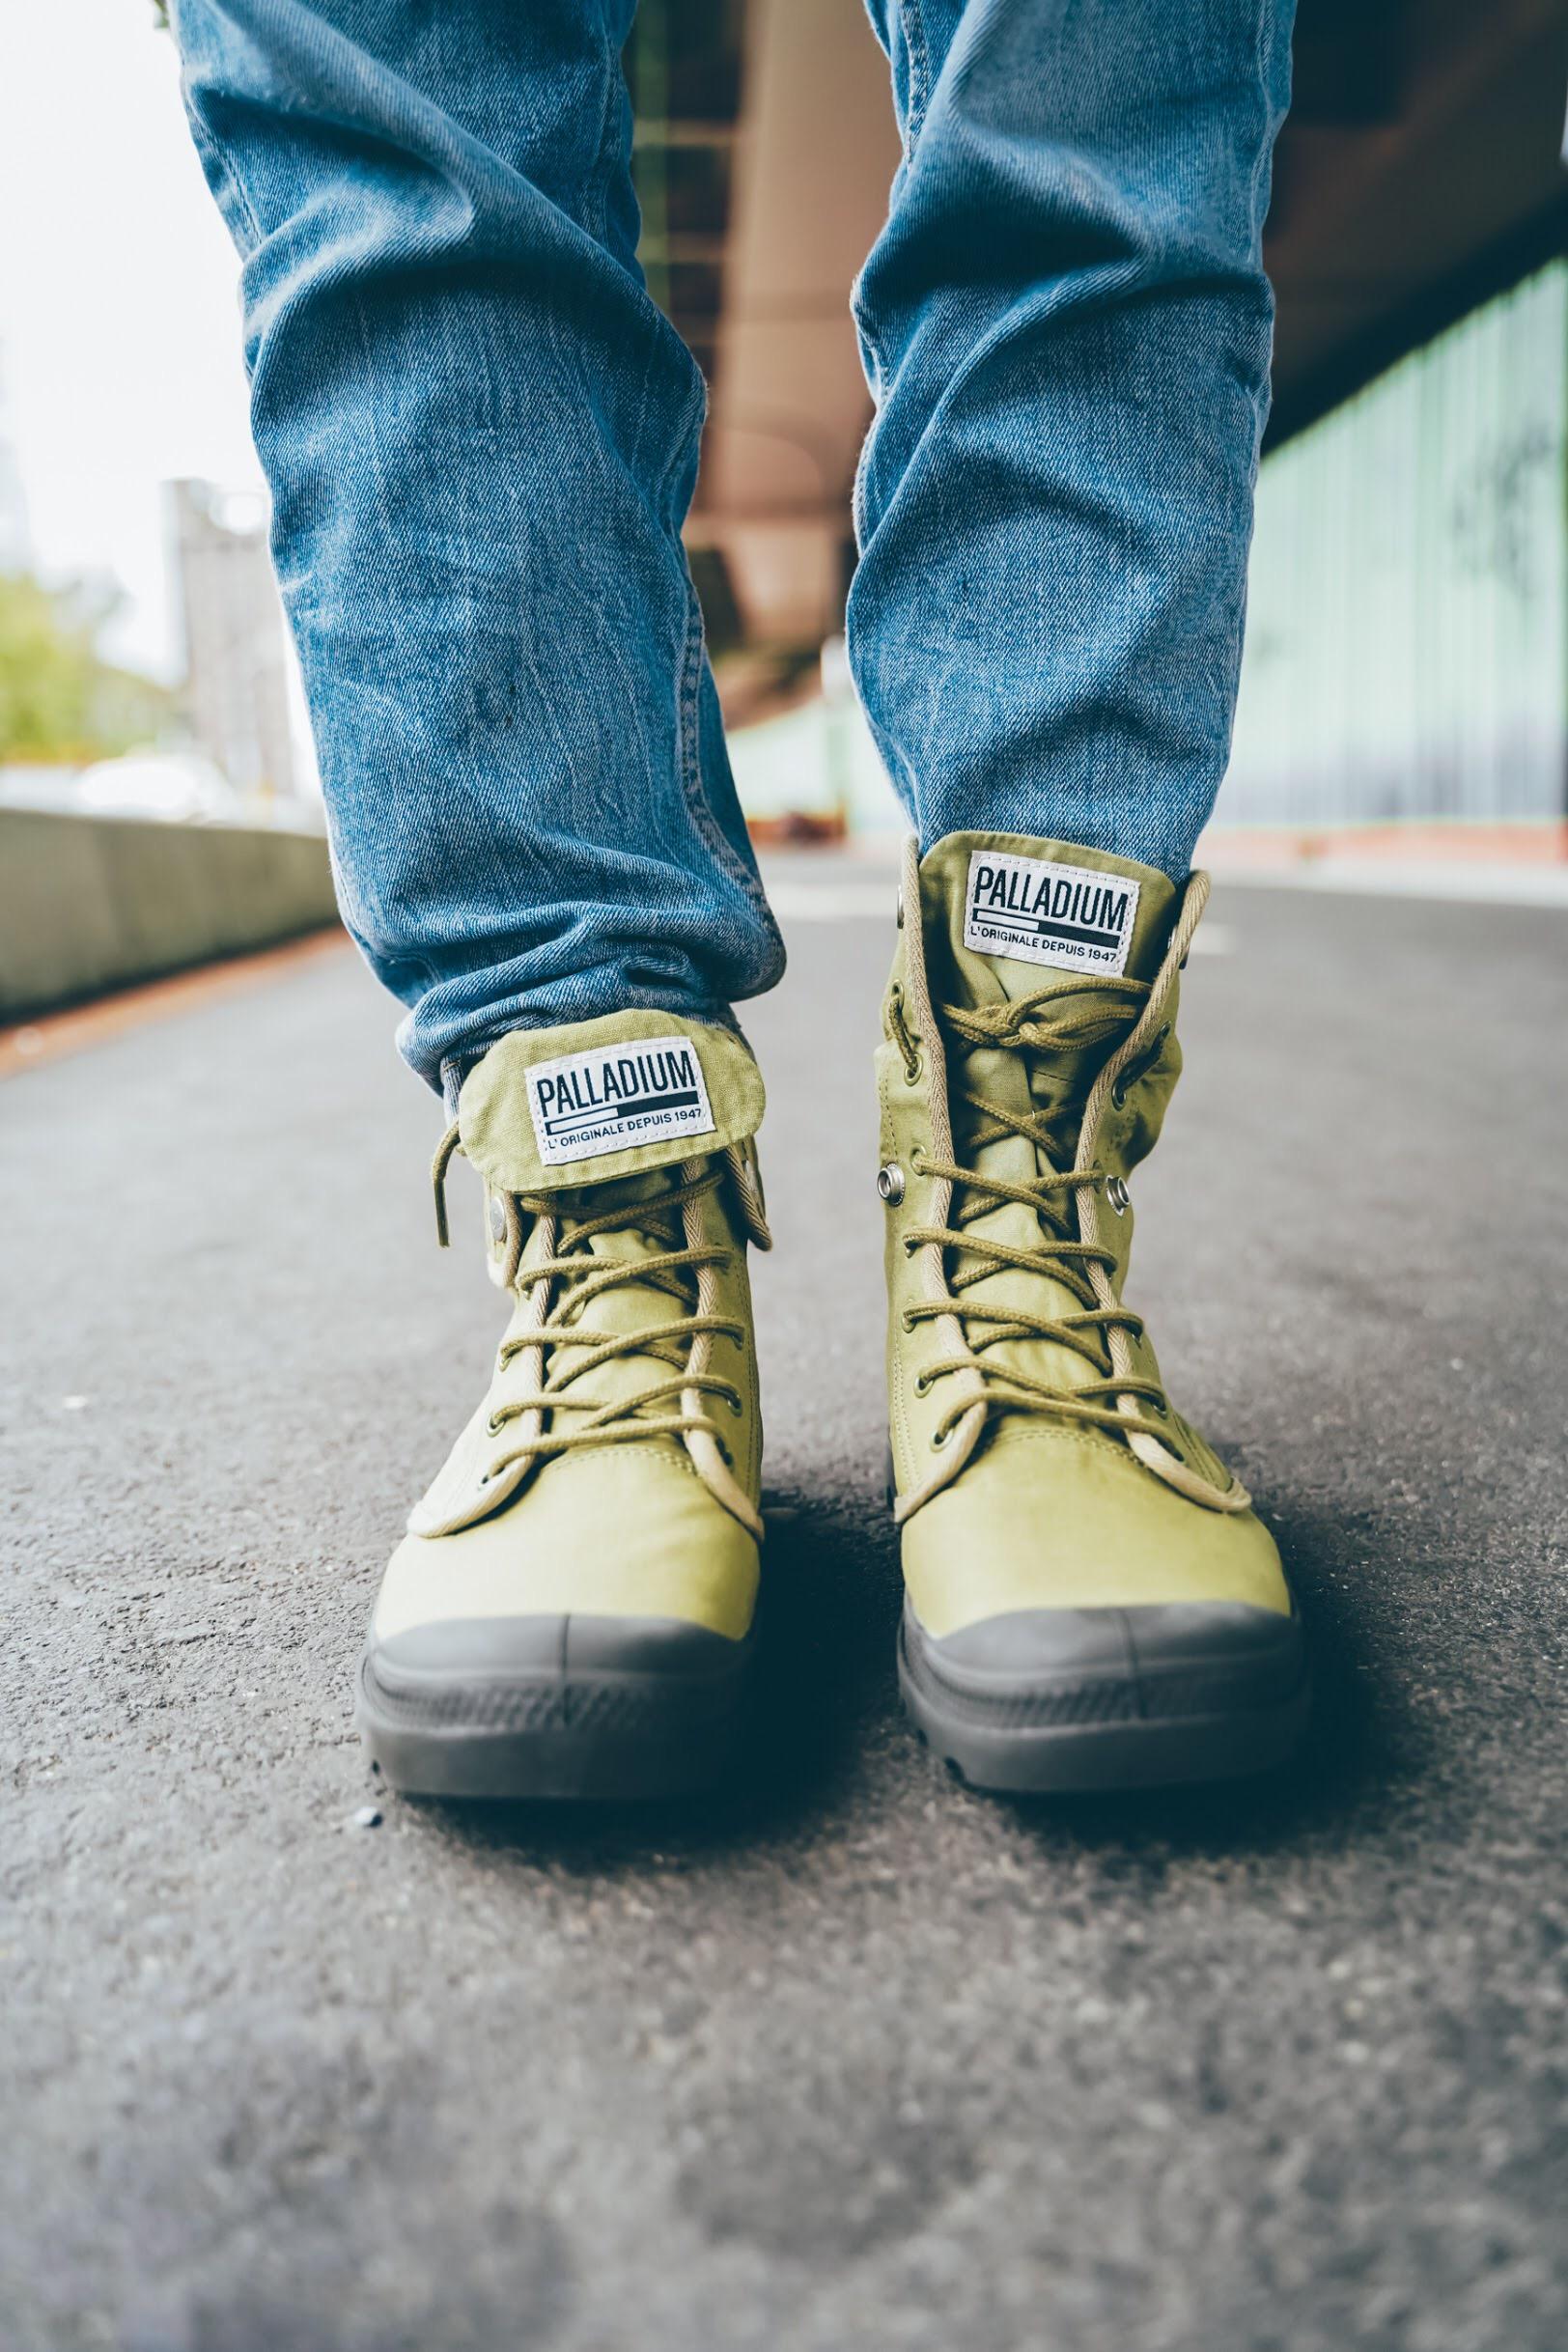 PALLADIUM 軍靴 價格